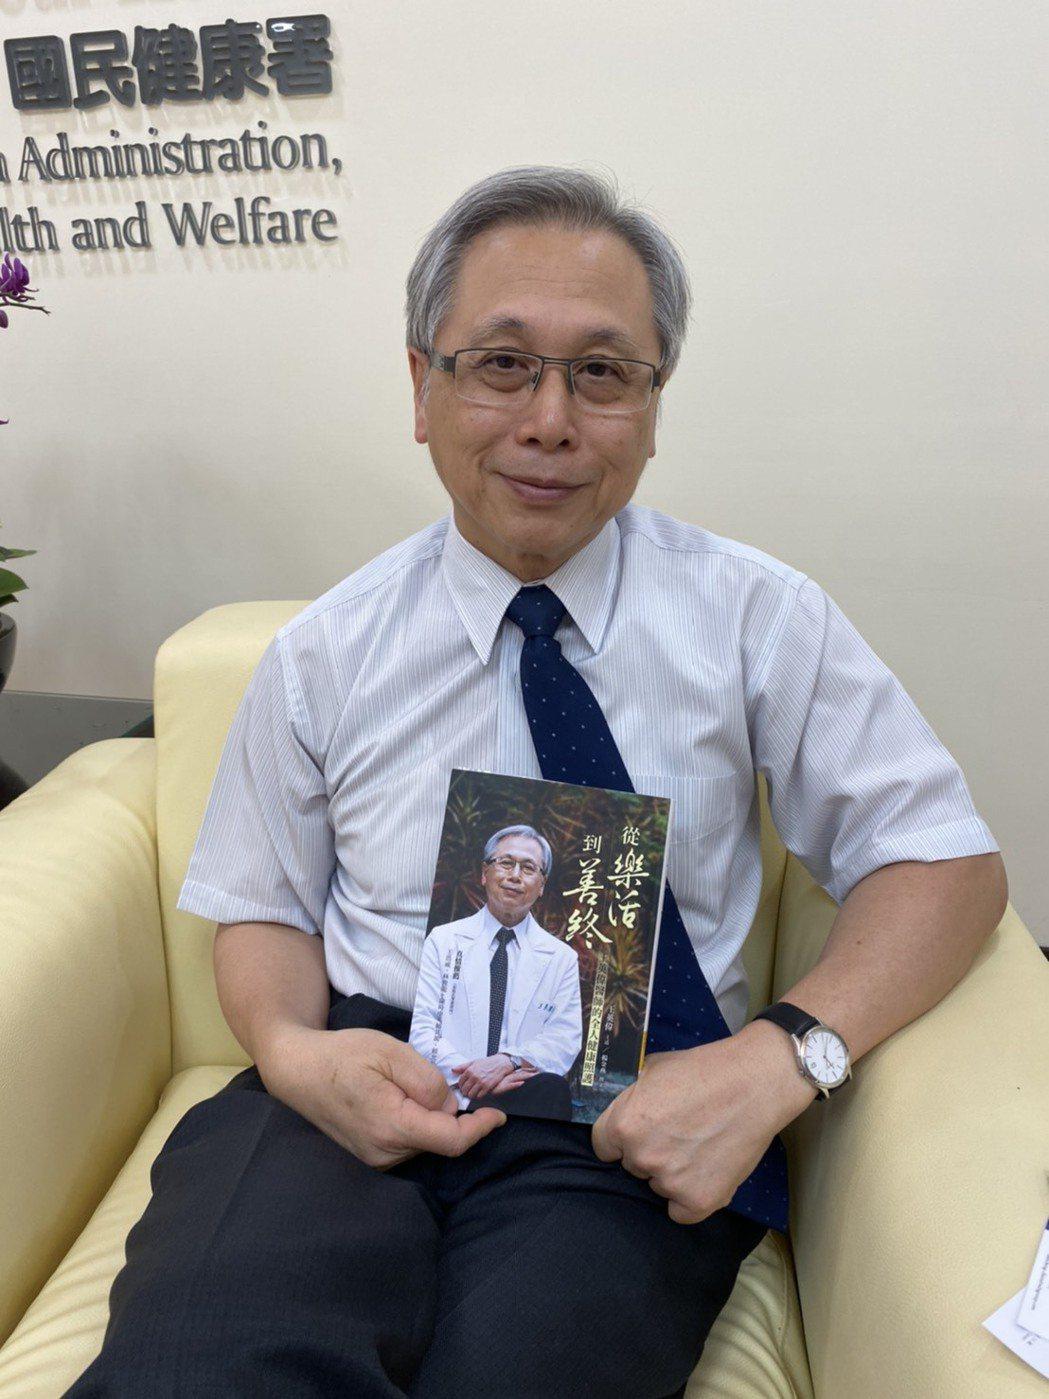 國民健康署署長王英偉,原定19日卸任署長一職,回花蓮慈濟醫院擔任醫師,但考量上半...